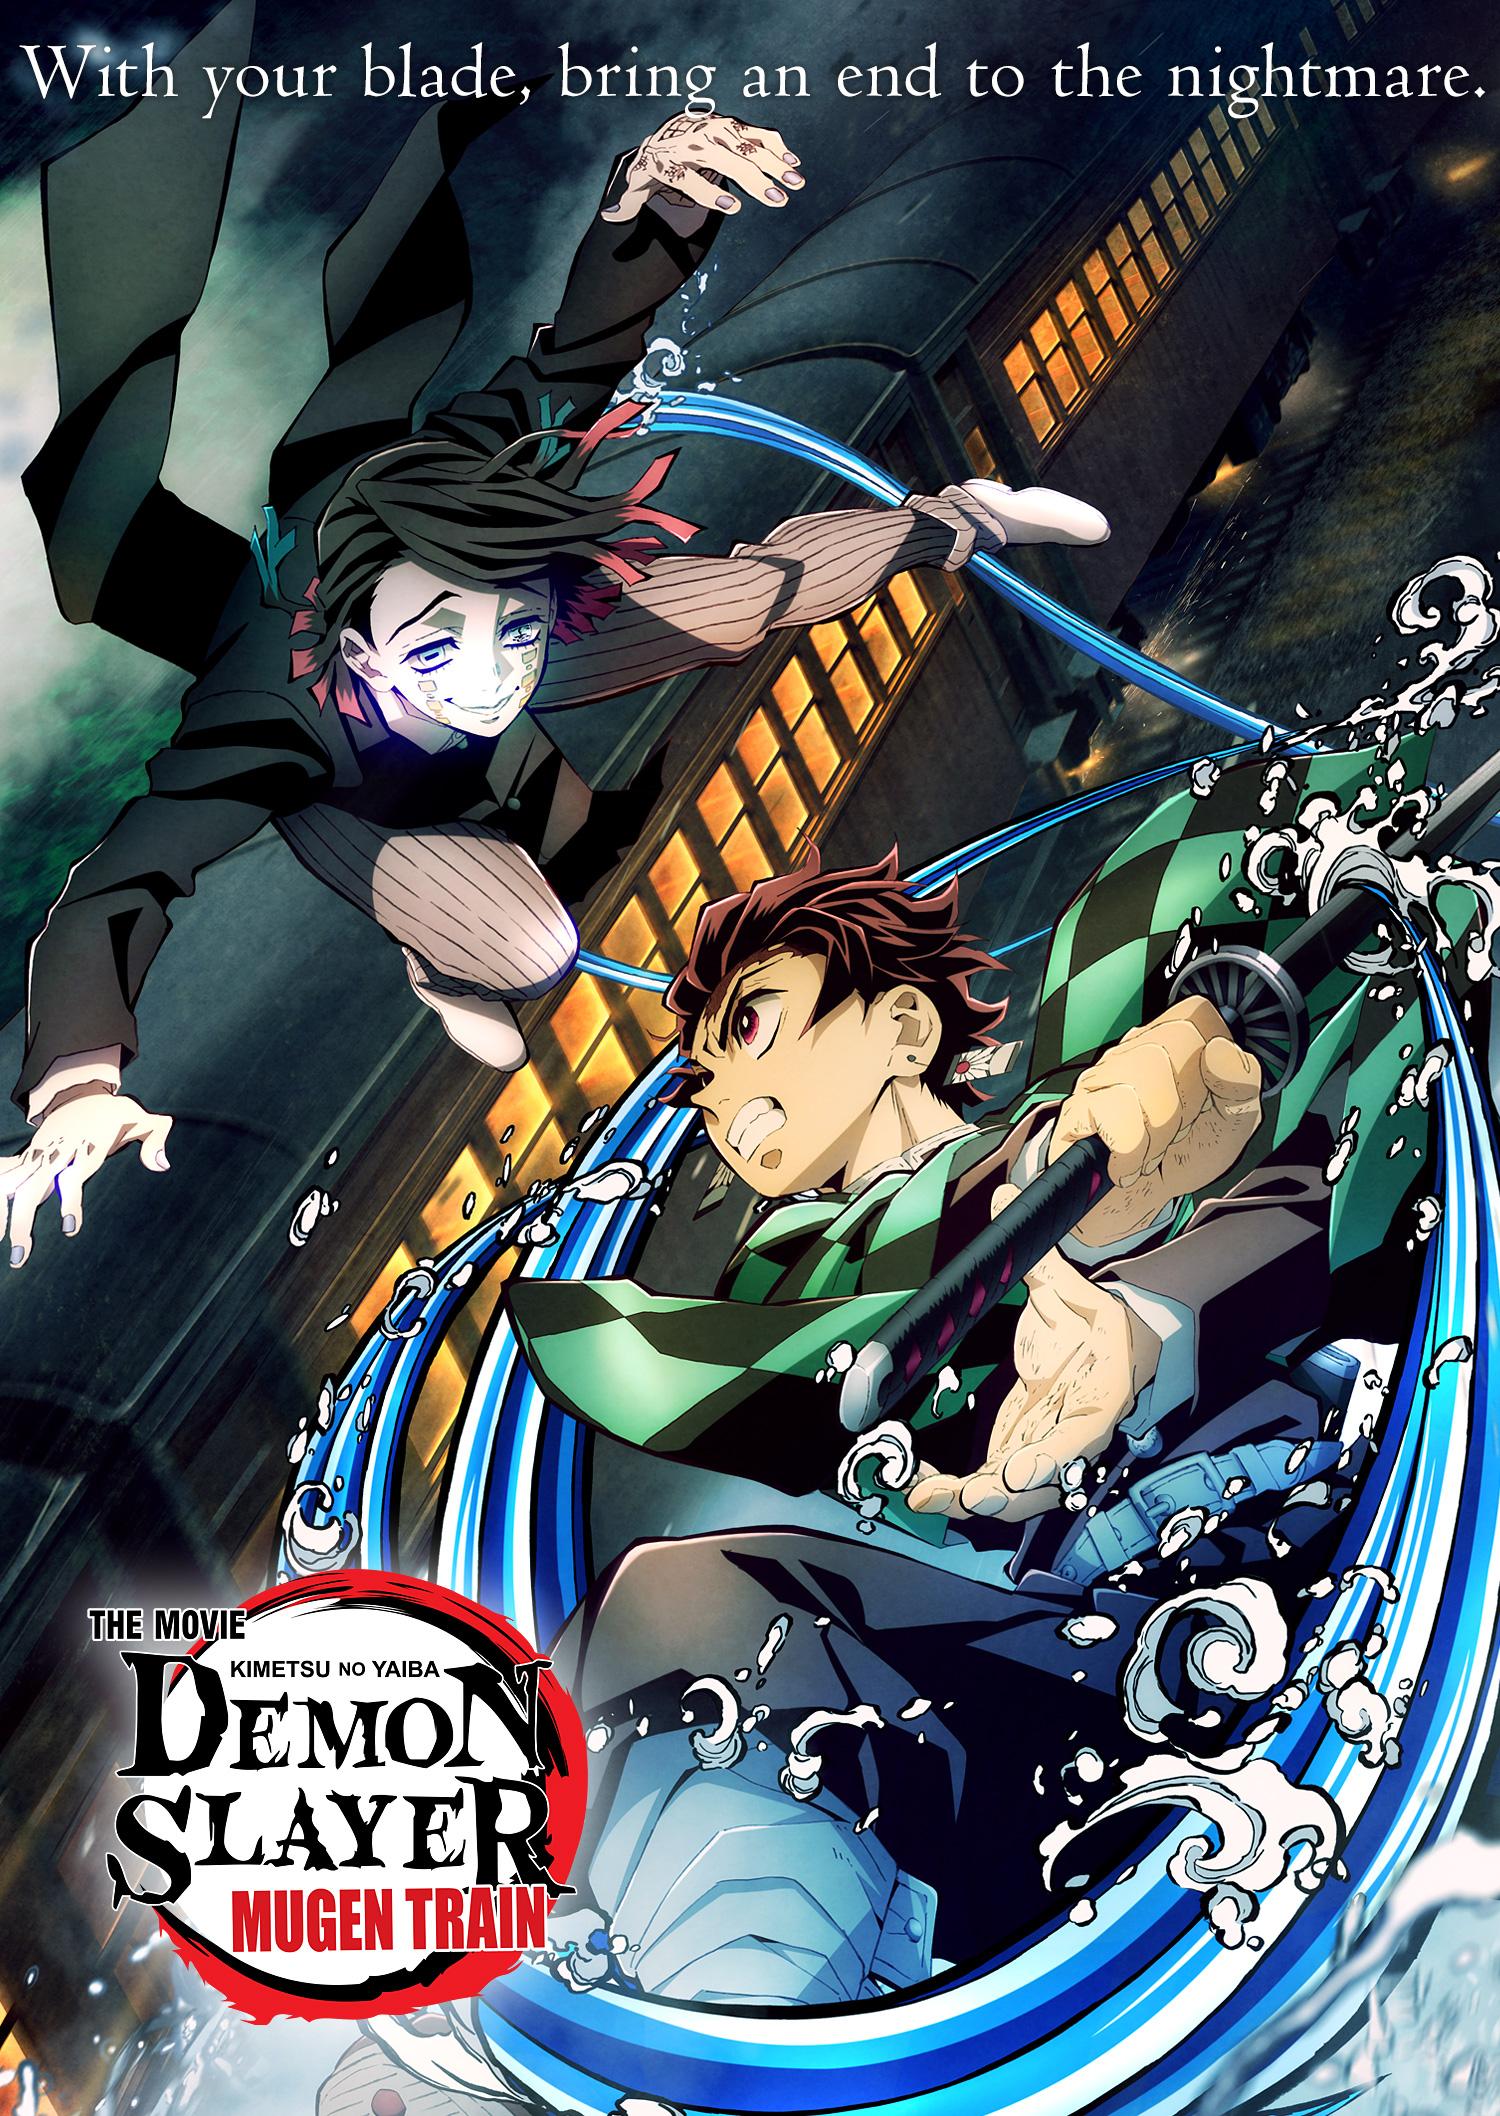 Kimetsu-no-Yaiba-Mugen-Ressya-hen-Demon-Slayer-Infinity-Train-KV-e1602039119812 Kimetsu no Yaiba Movie: Mugen Ressha-hen (Demon Slayer - Kimetsu no Yaiba - The Movie: Mugen Train)